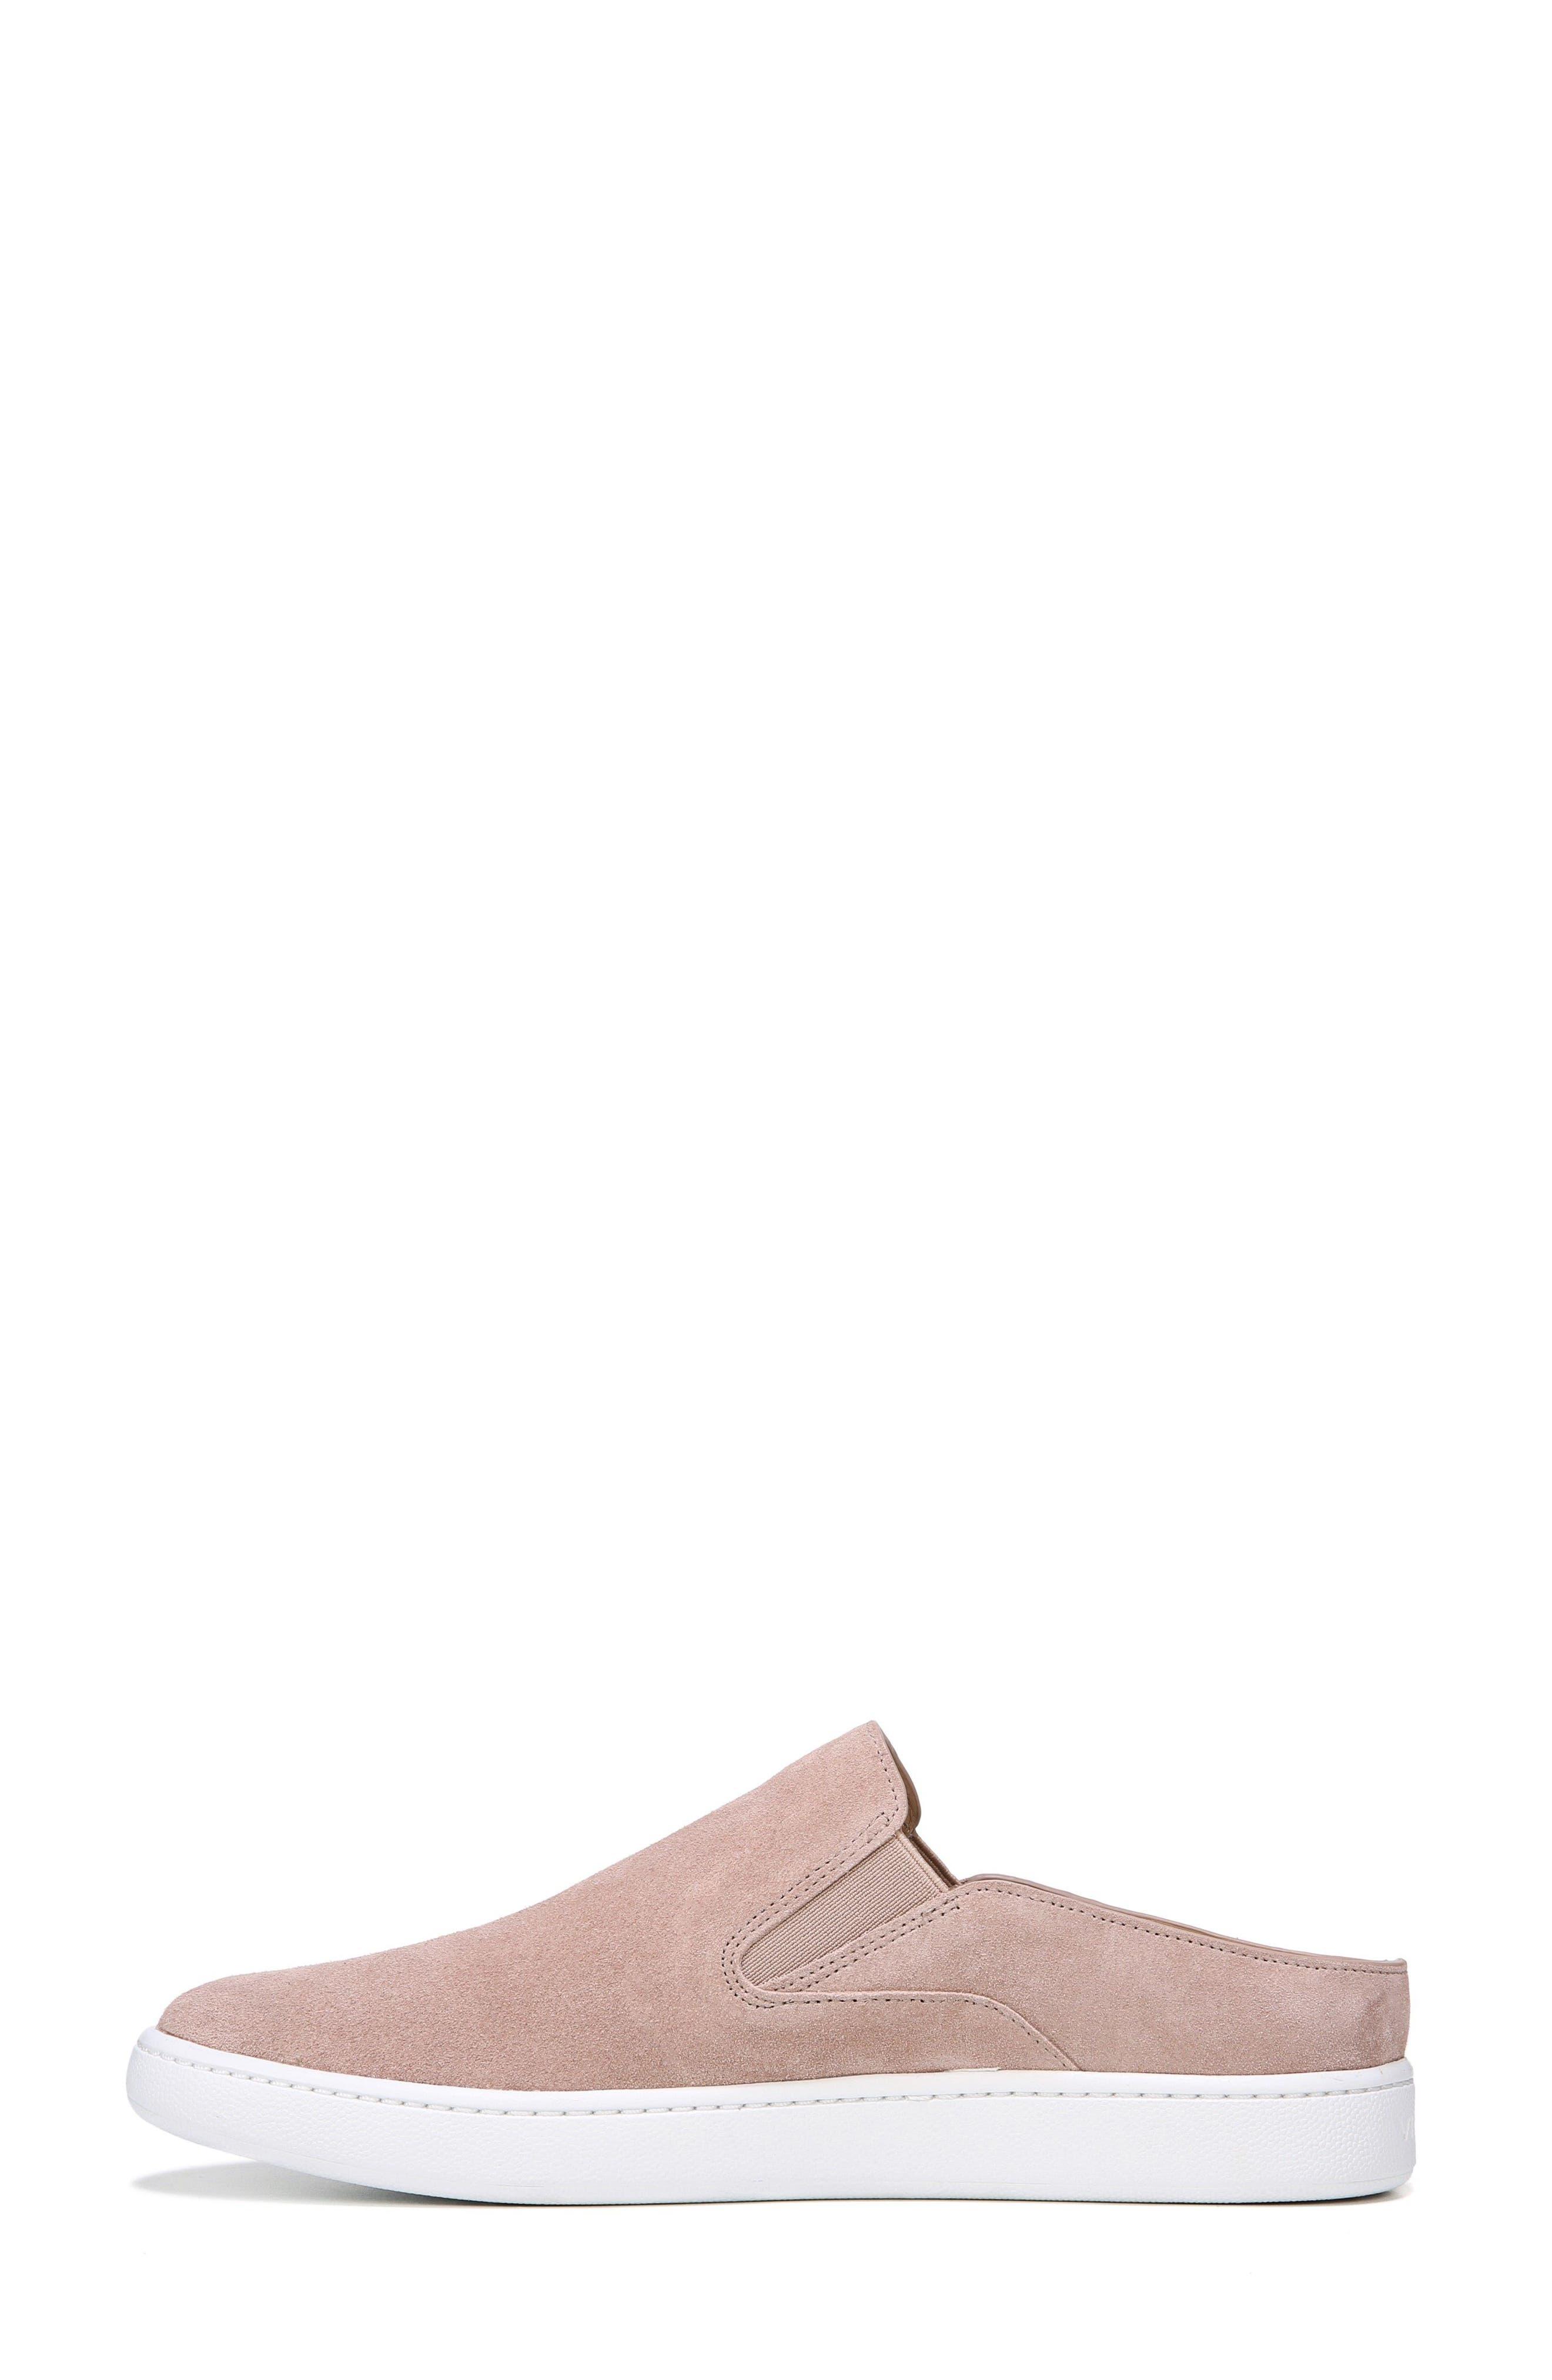 Verrell Slip-On Sneaker,                             Alternate thumbnail 3, color,                             023